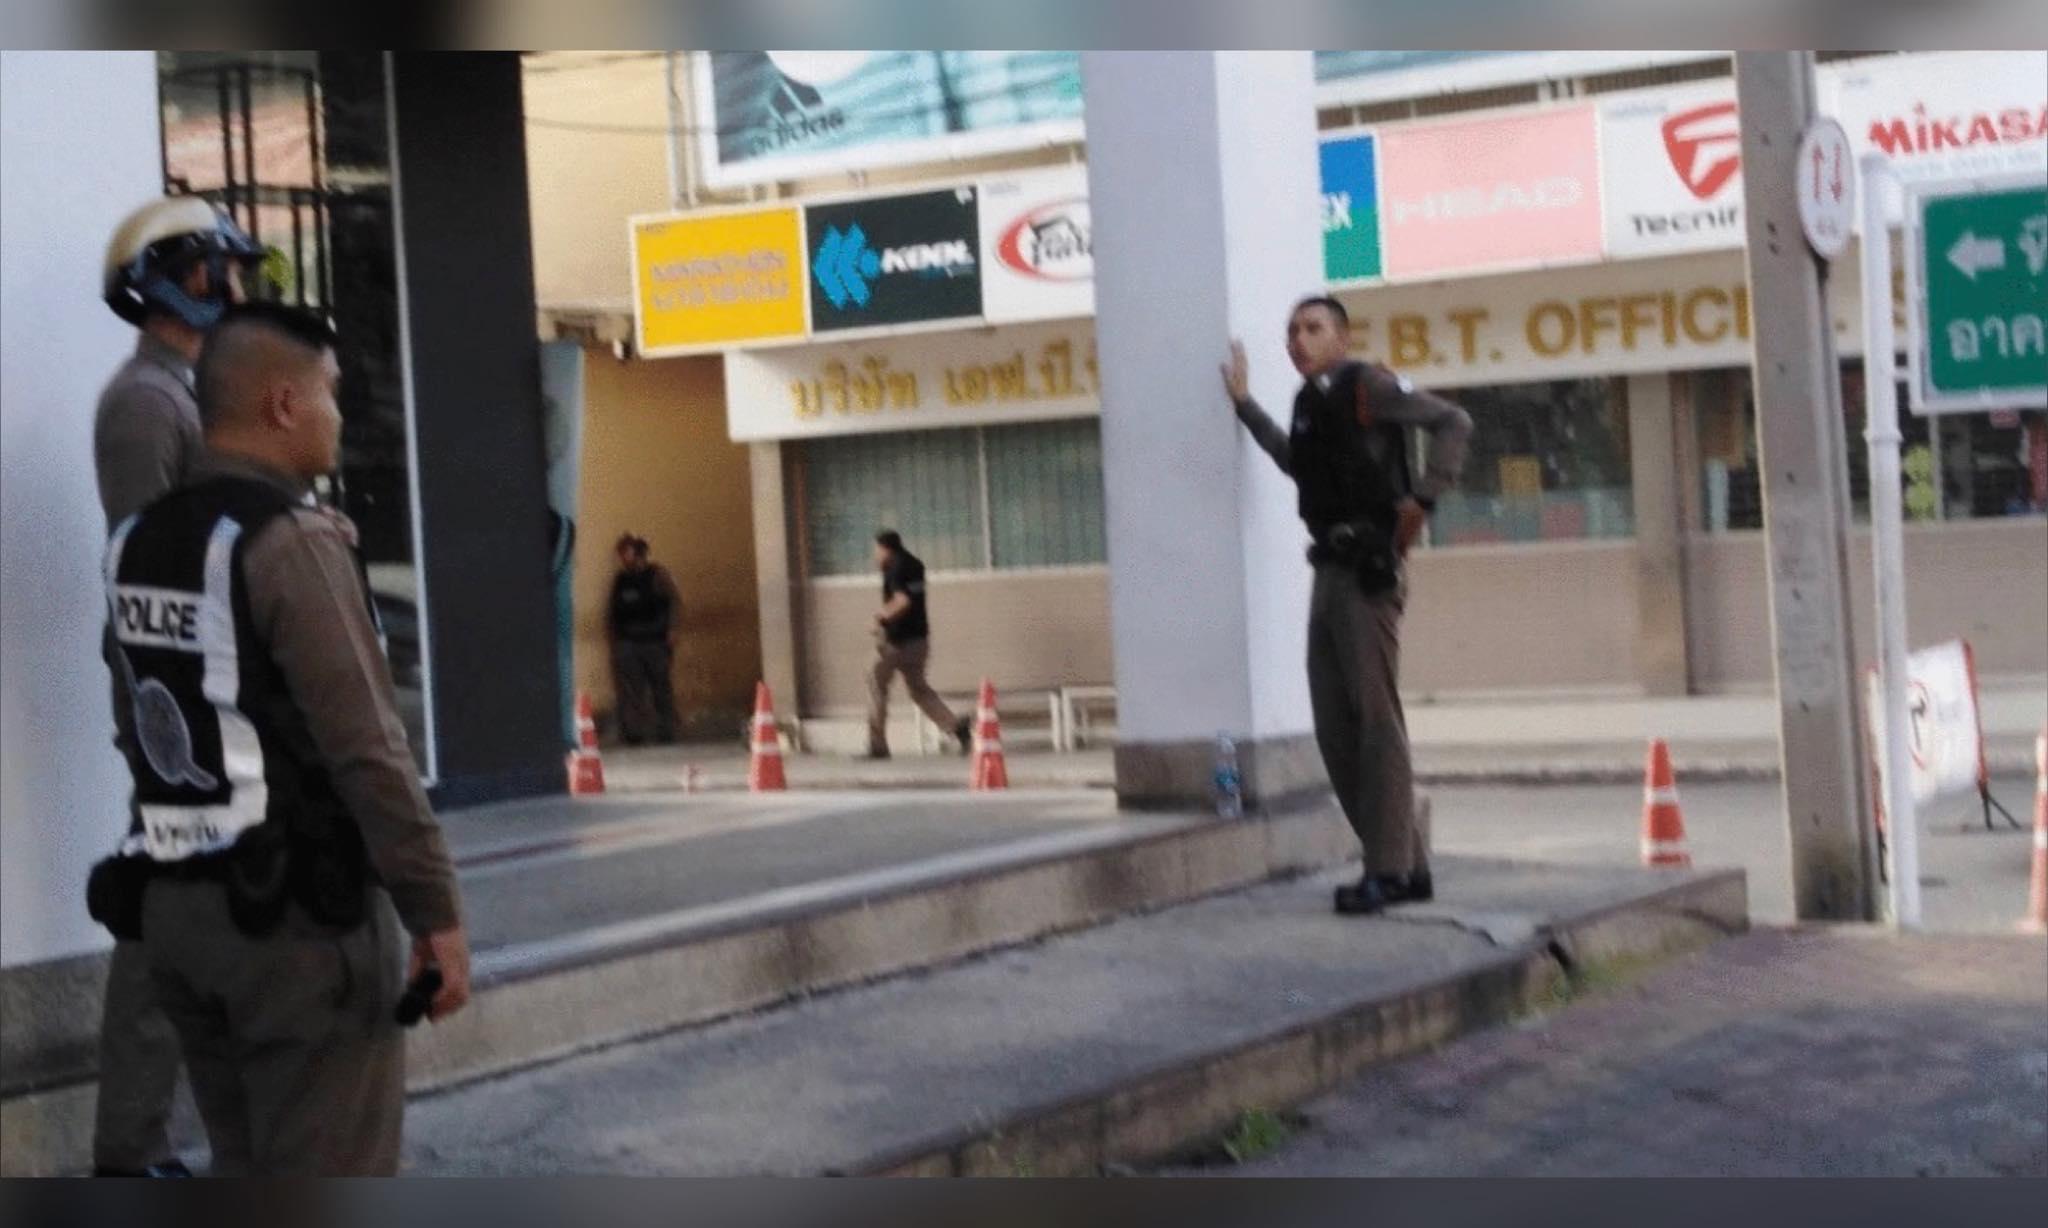 ตำรวจวอนประชาชนหยุดไลฟ์สด เหตุชายคลั่งยิงปืนกลางกรุง